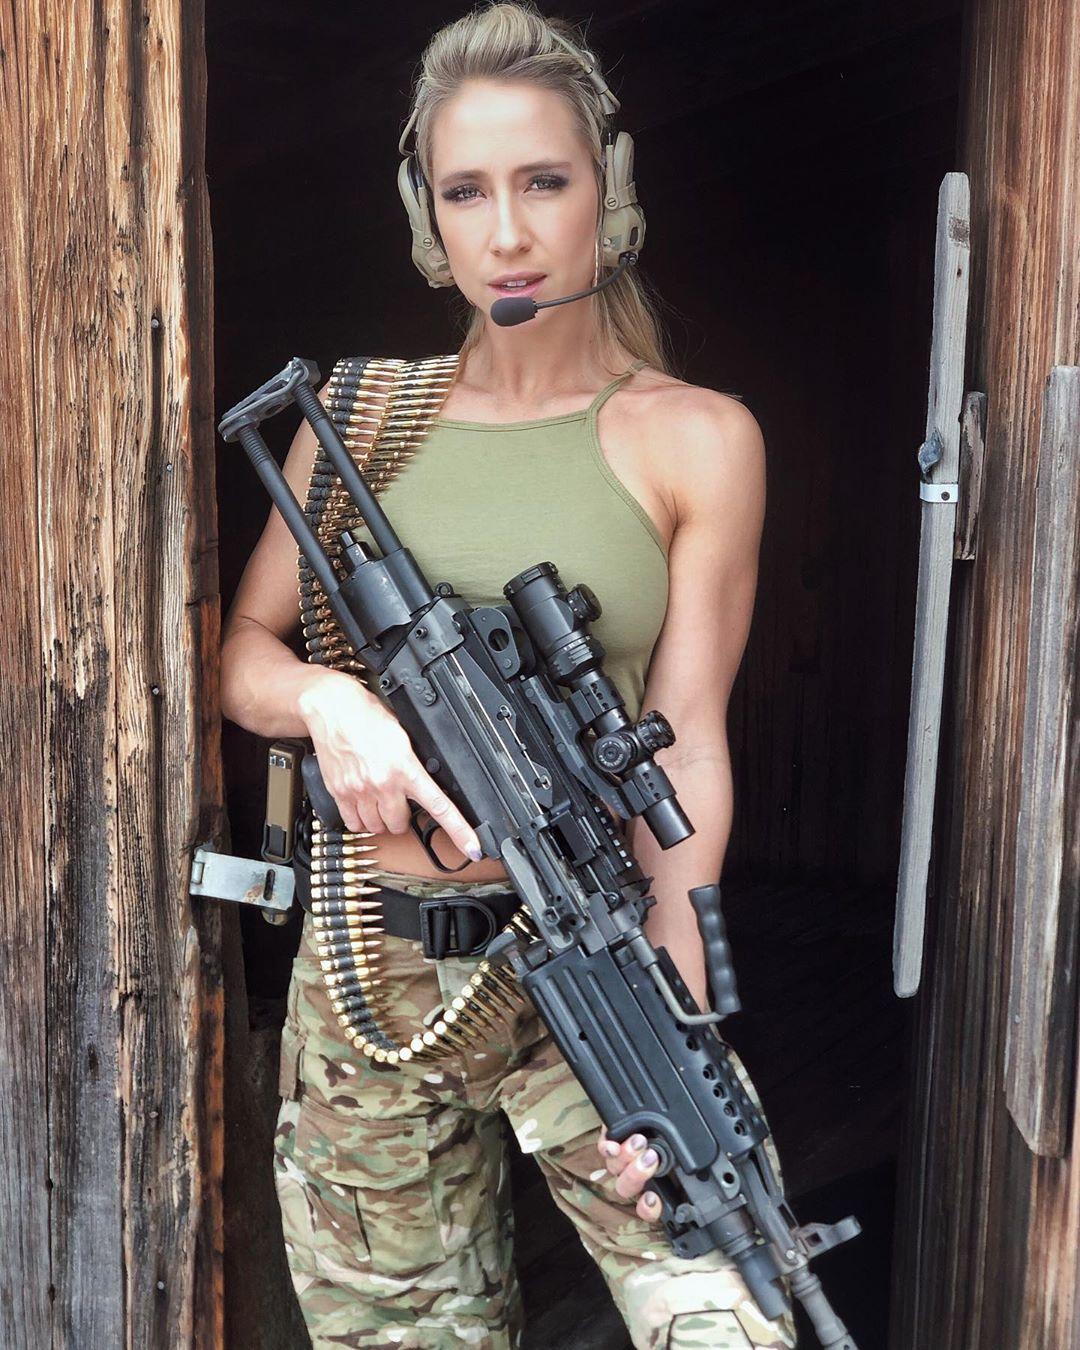 работа с оружием для девушек